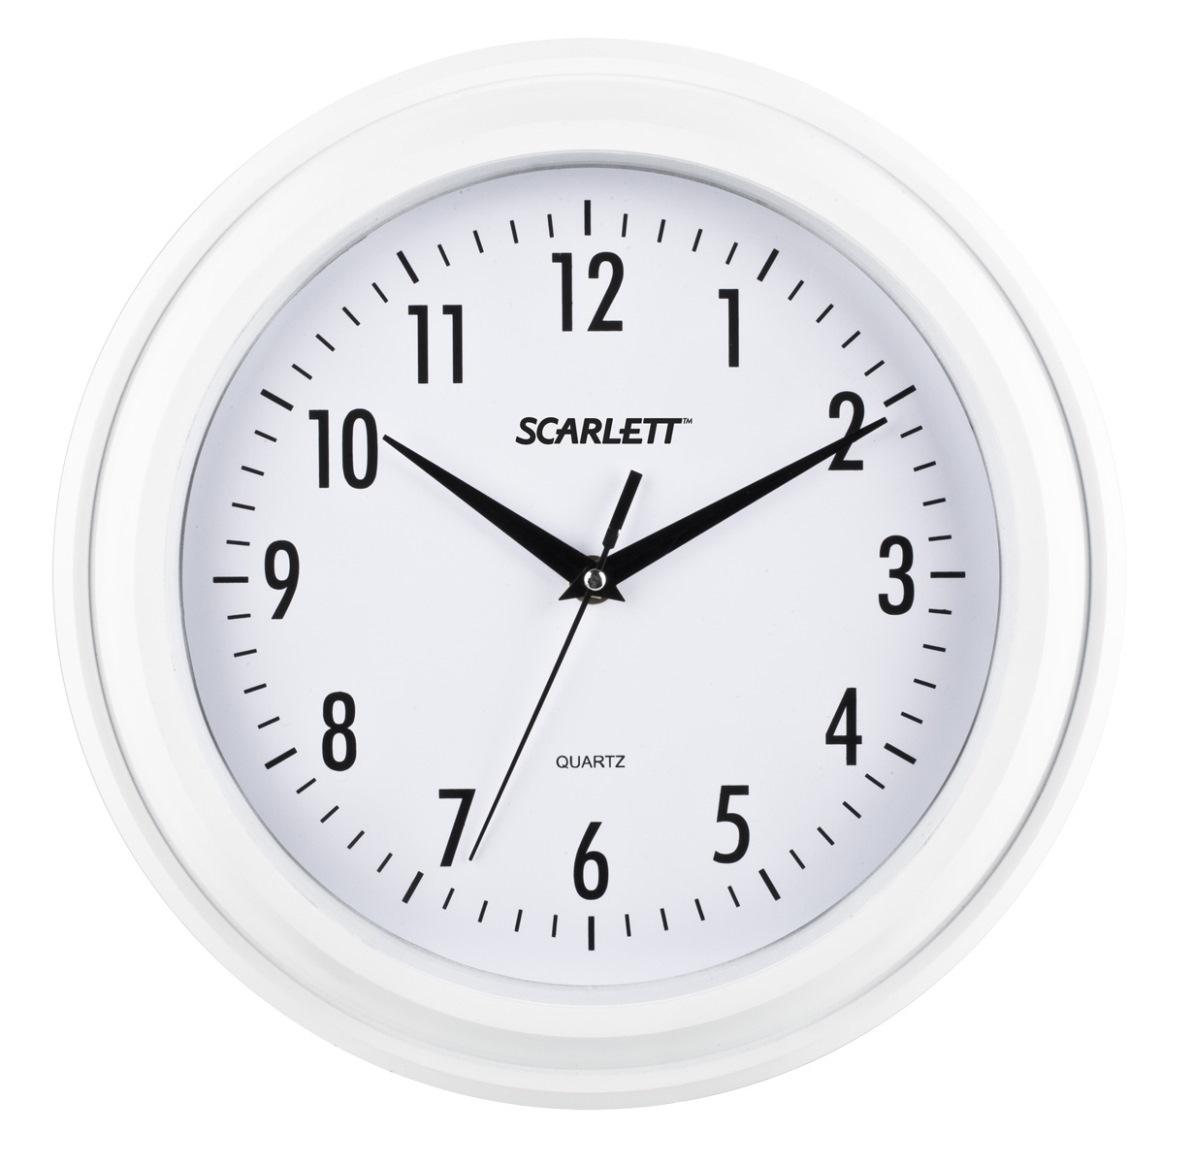 Часы настенные Scarlett, цвет: белый, диаметр 30,5 смSC - 55QGНастенные кварцевые часы Scarlett в классическом дизайне,изготовленные из пластика, прекрасно впишутся в интерьервашего дома. Круглые часы имеют три стрелки: часовую,минутную и секундную, циферблат защищен прозрачнымпластиком.Часы работают от 1 батарейки типа АА напряжением 1,5 В(батарейка в комплект не входит). Диаметр часов: 30,5 см.